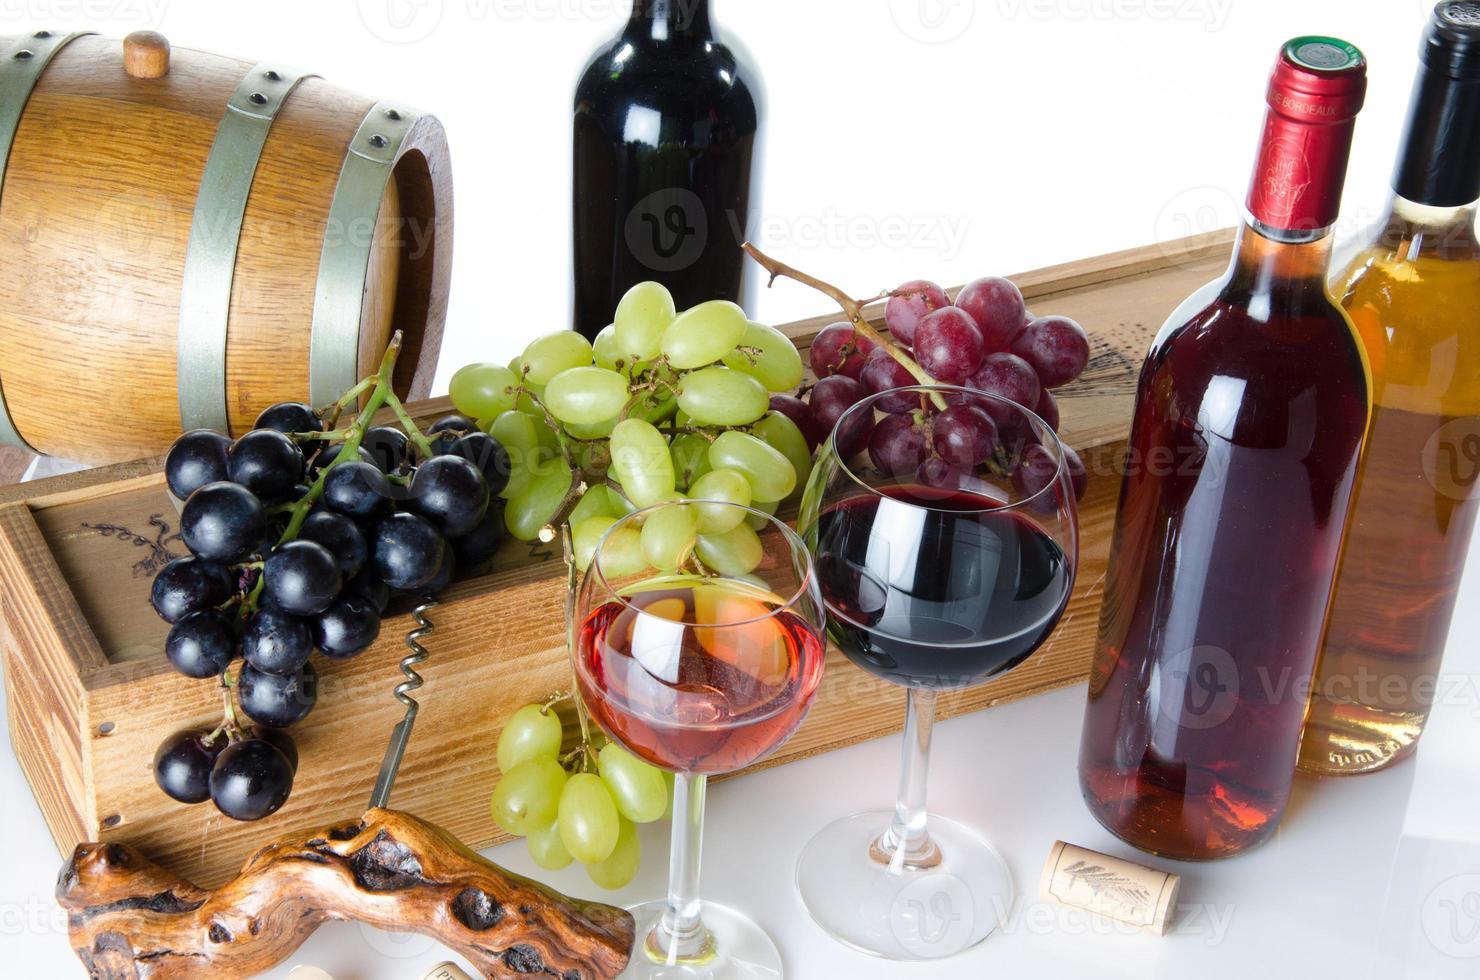 composição com copos, garrafas de vinho e uvas foto